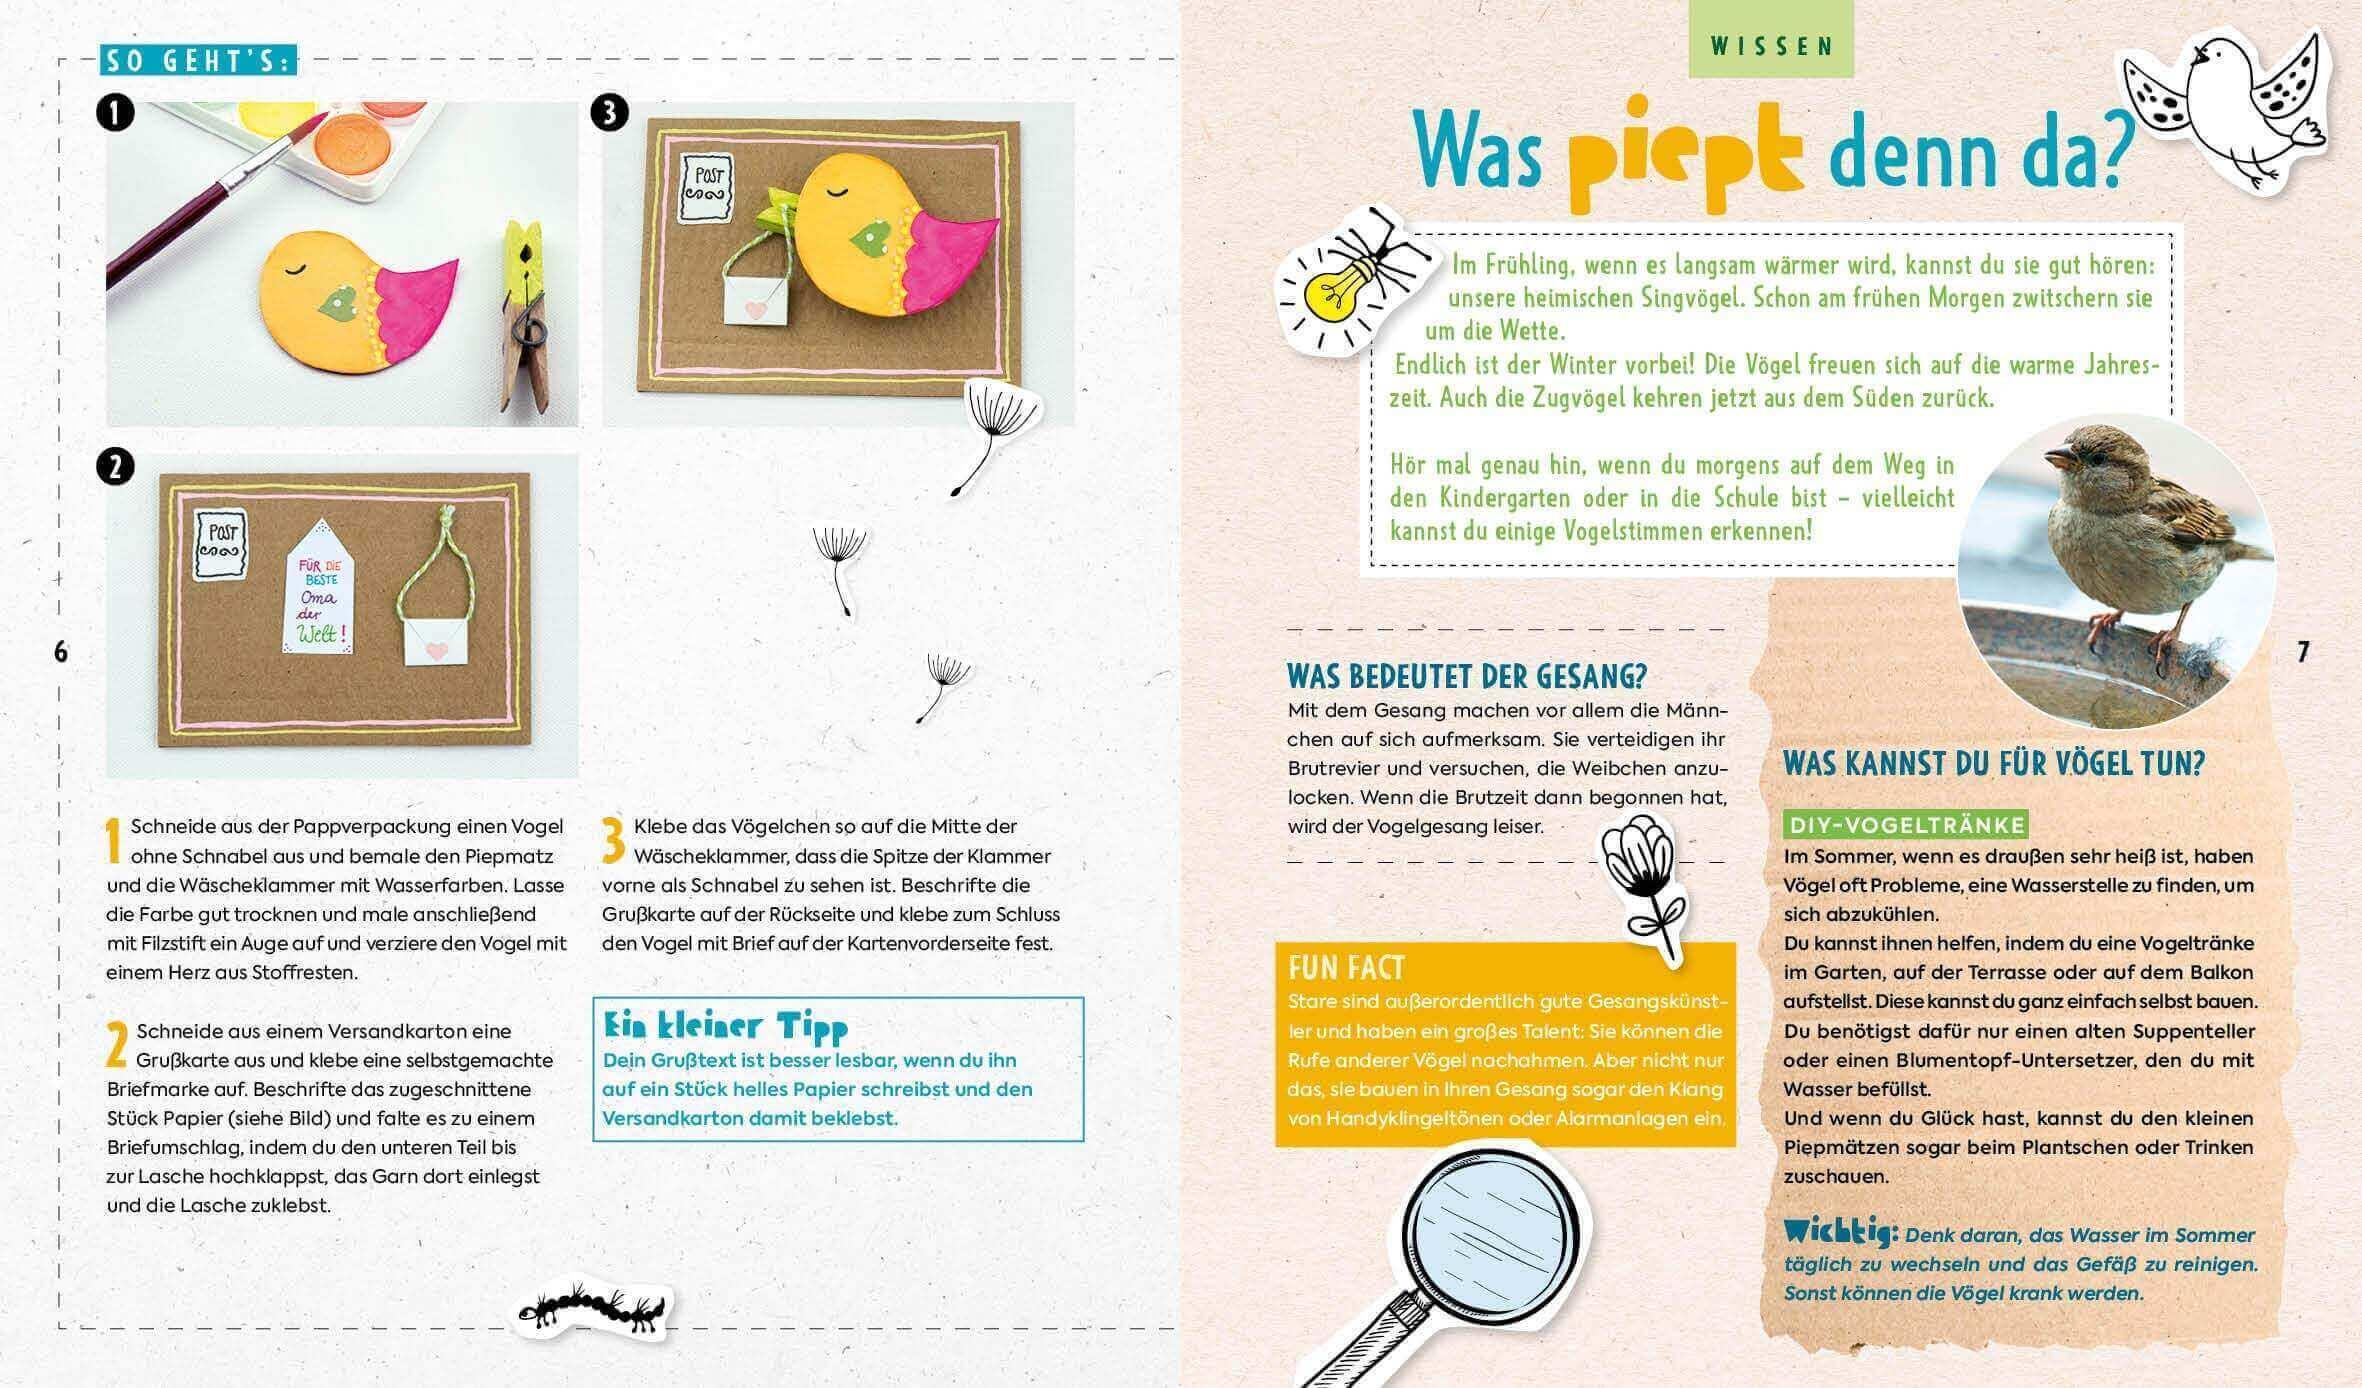 Was krabbelt, summt und quakt denn da - Das Bastelbuch mit Kreativprojekten, Spielideen und Tipps für Natur- und Umweltschutz - 3